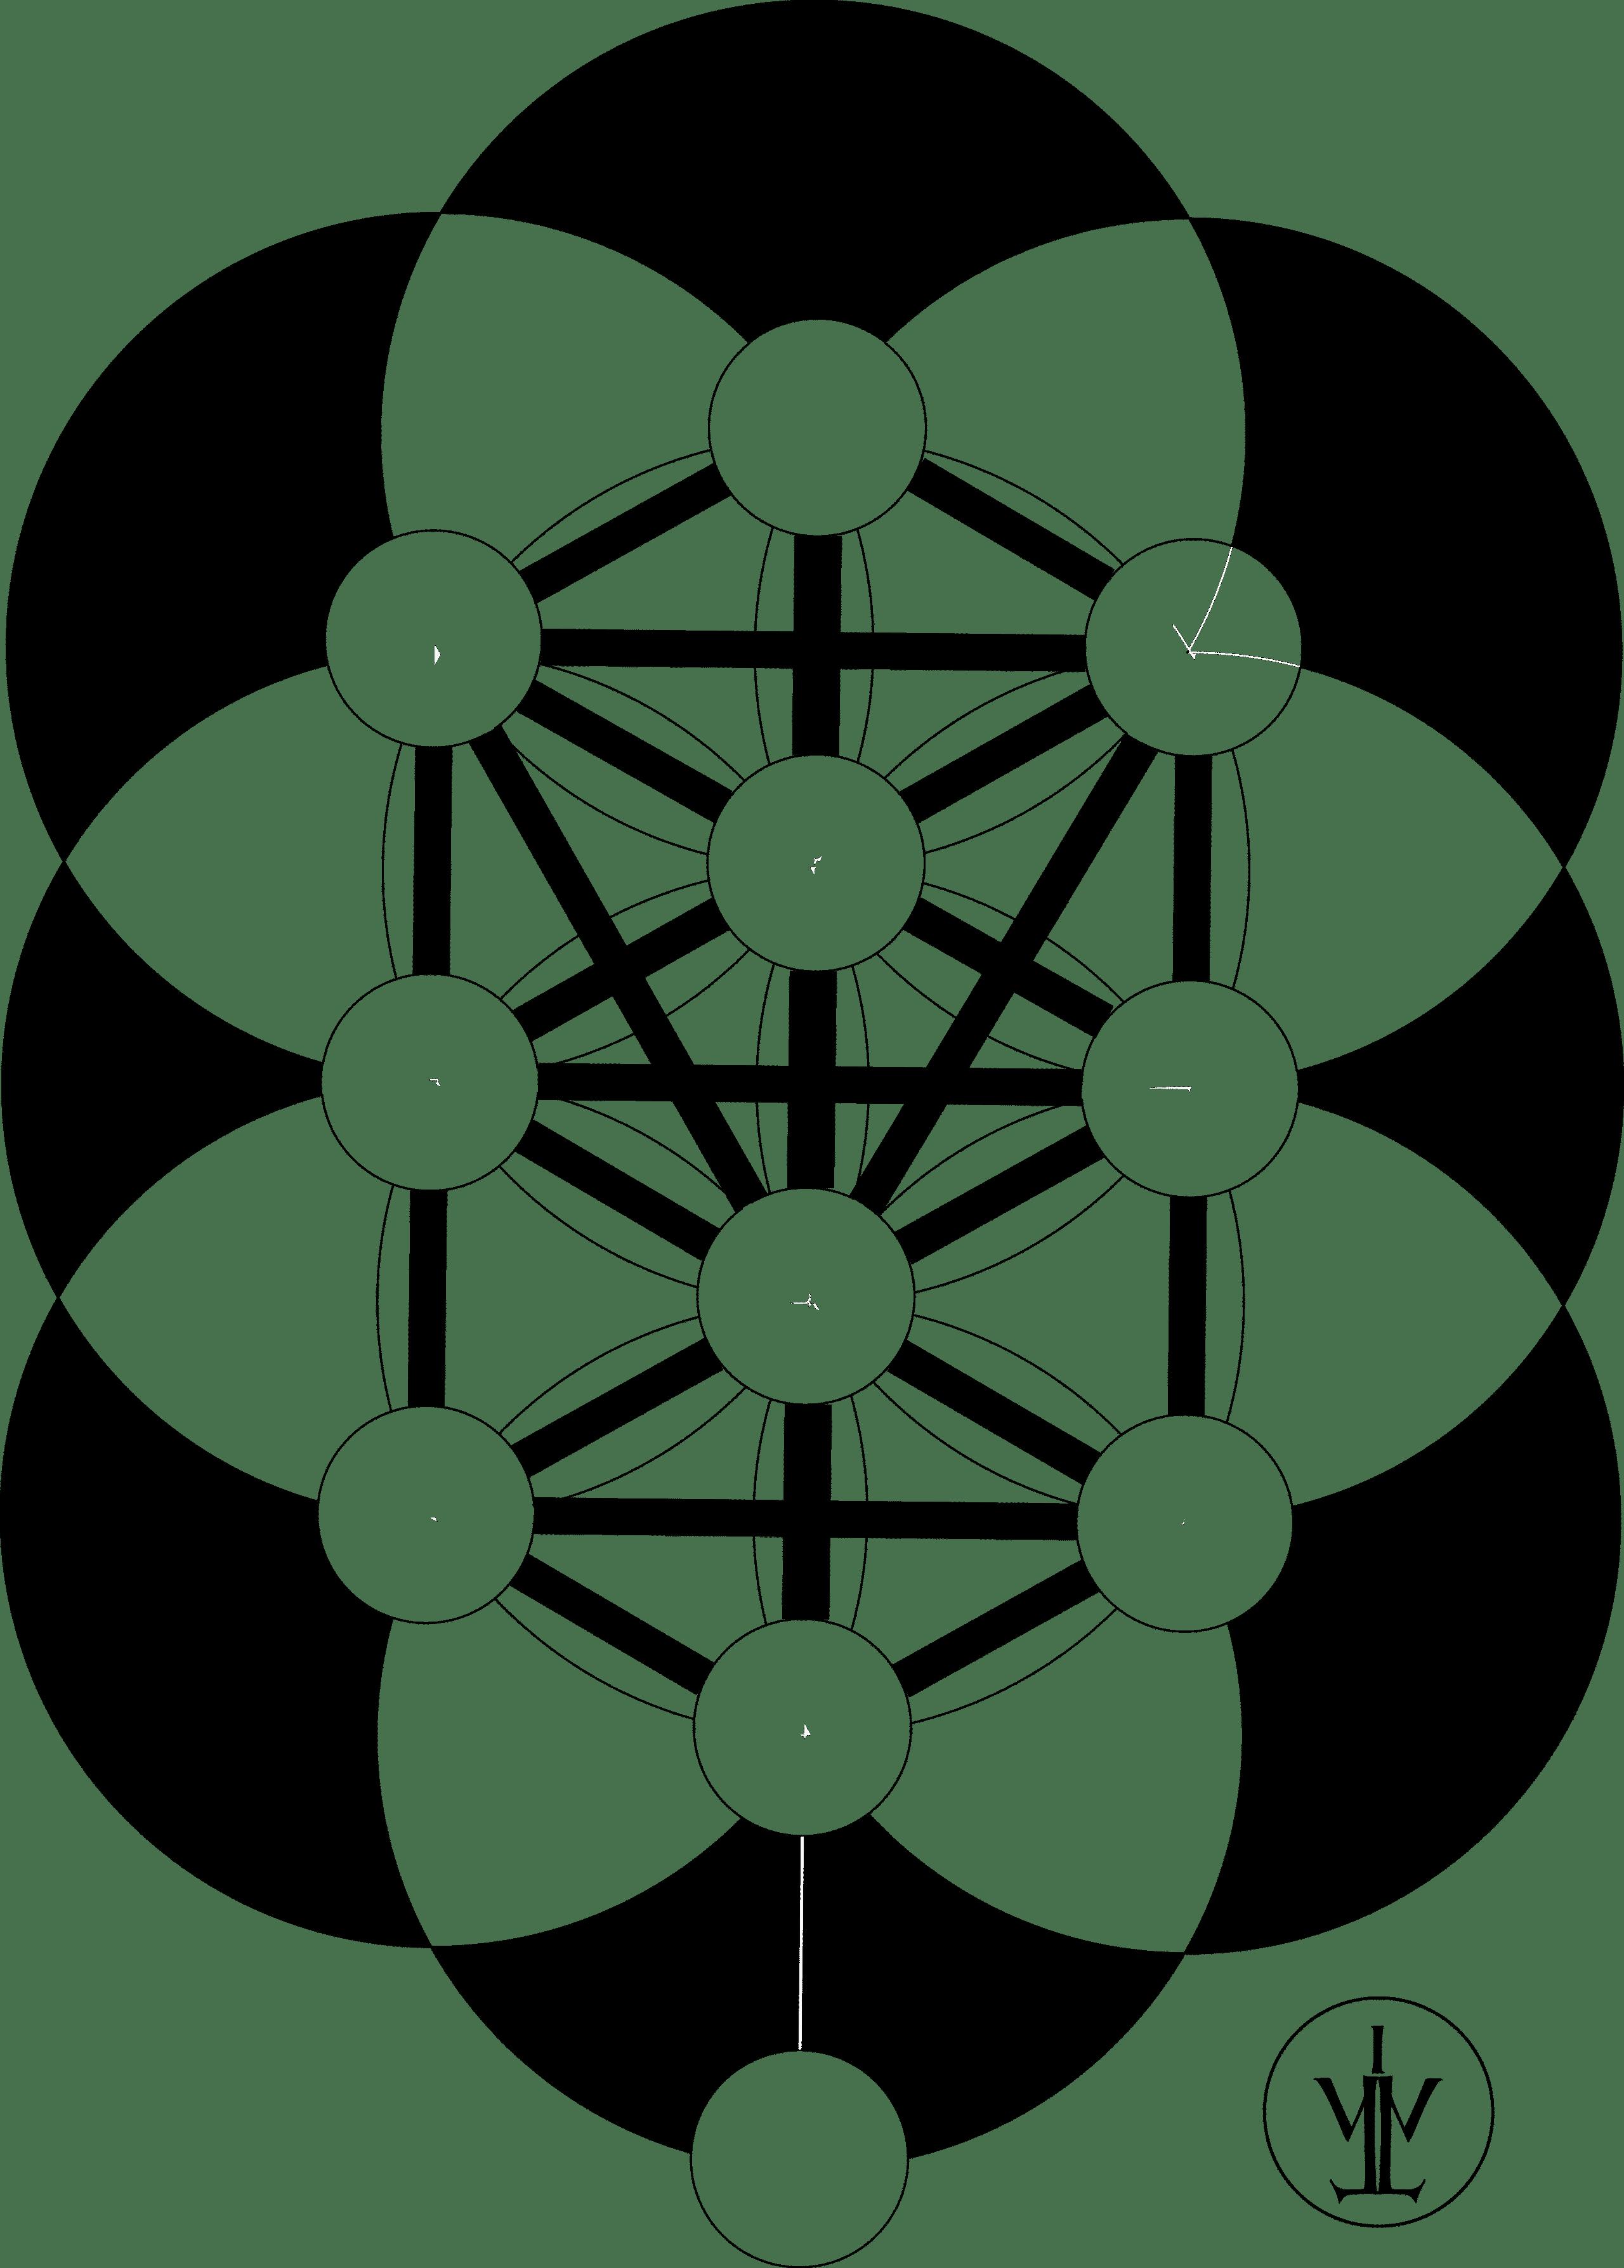 Traité de l'Émanation Gauche (partie 3) Arbre de Vie - Qlippoth